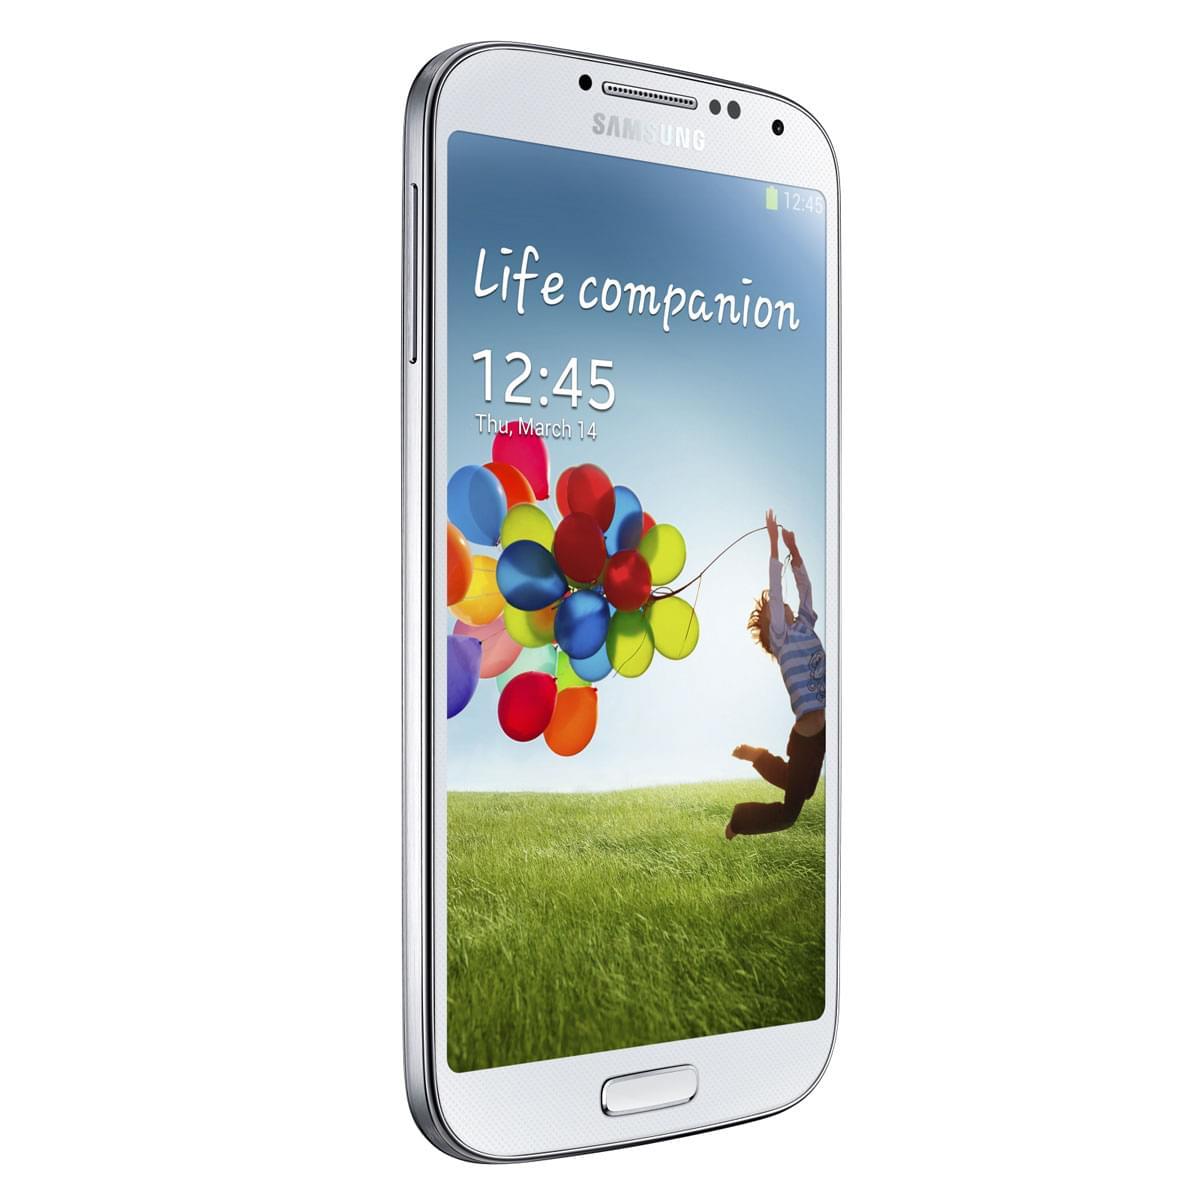 Samsung Galaxy S4 16Go Blanc GT-I9505 White Frost (GT-I9505ZWAXEF) - Achat / Vente Téléphonie sur Cybertek.fr - 0